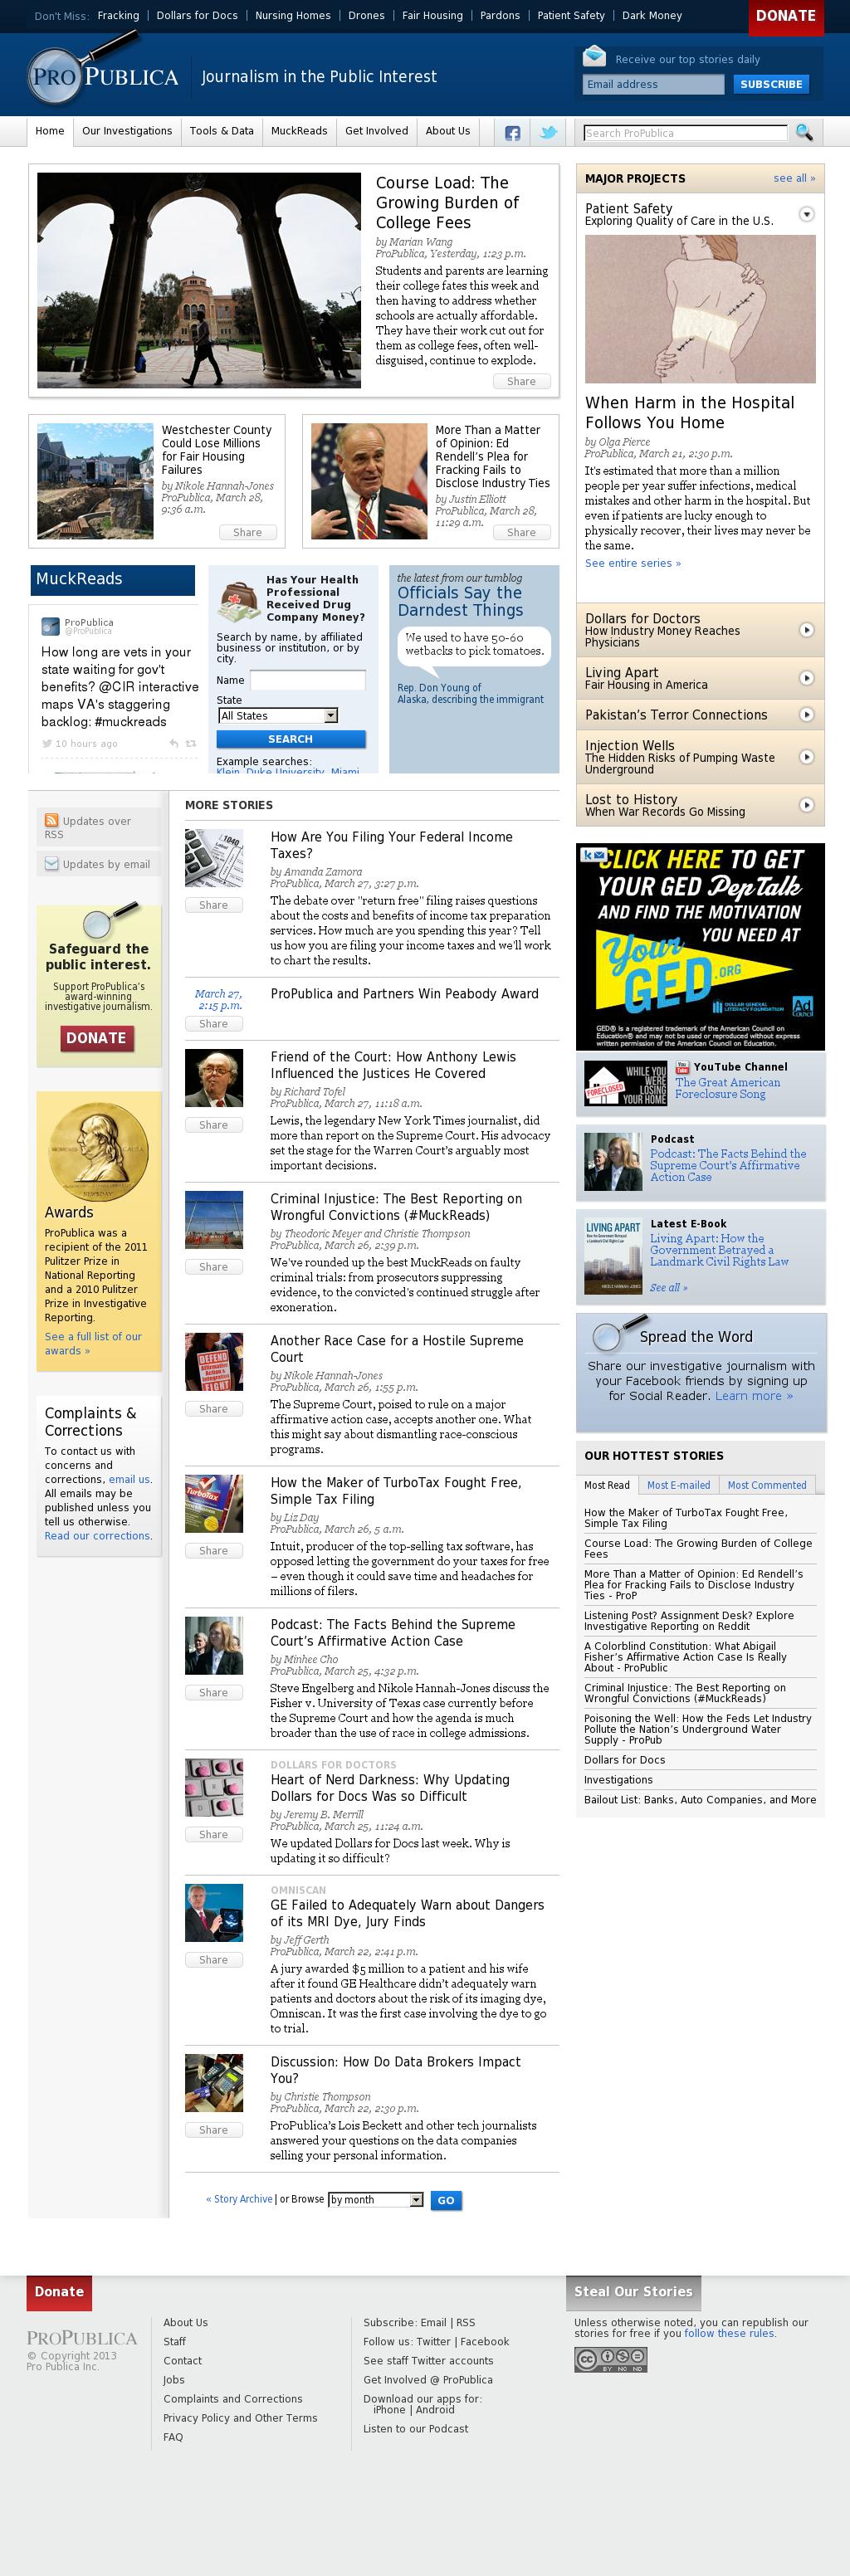 ProPublica at Saturday March 30, 2013, 5:29 a.m. UTC